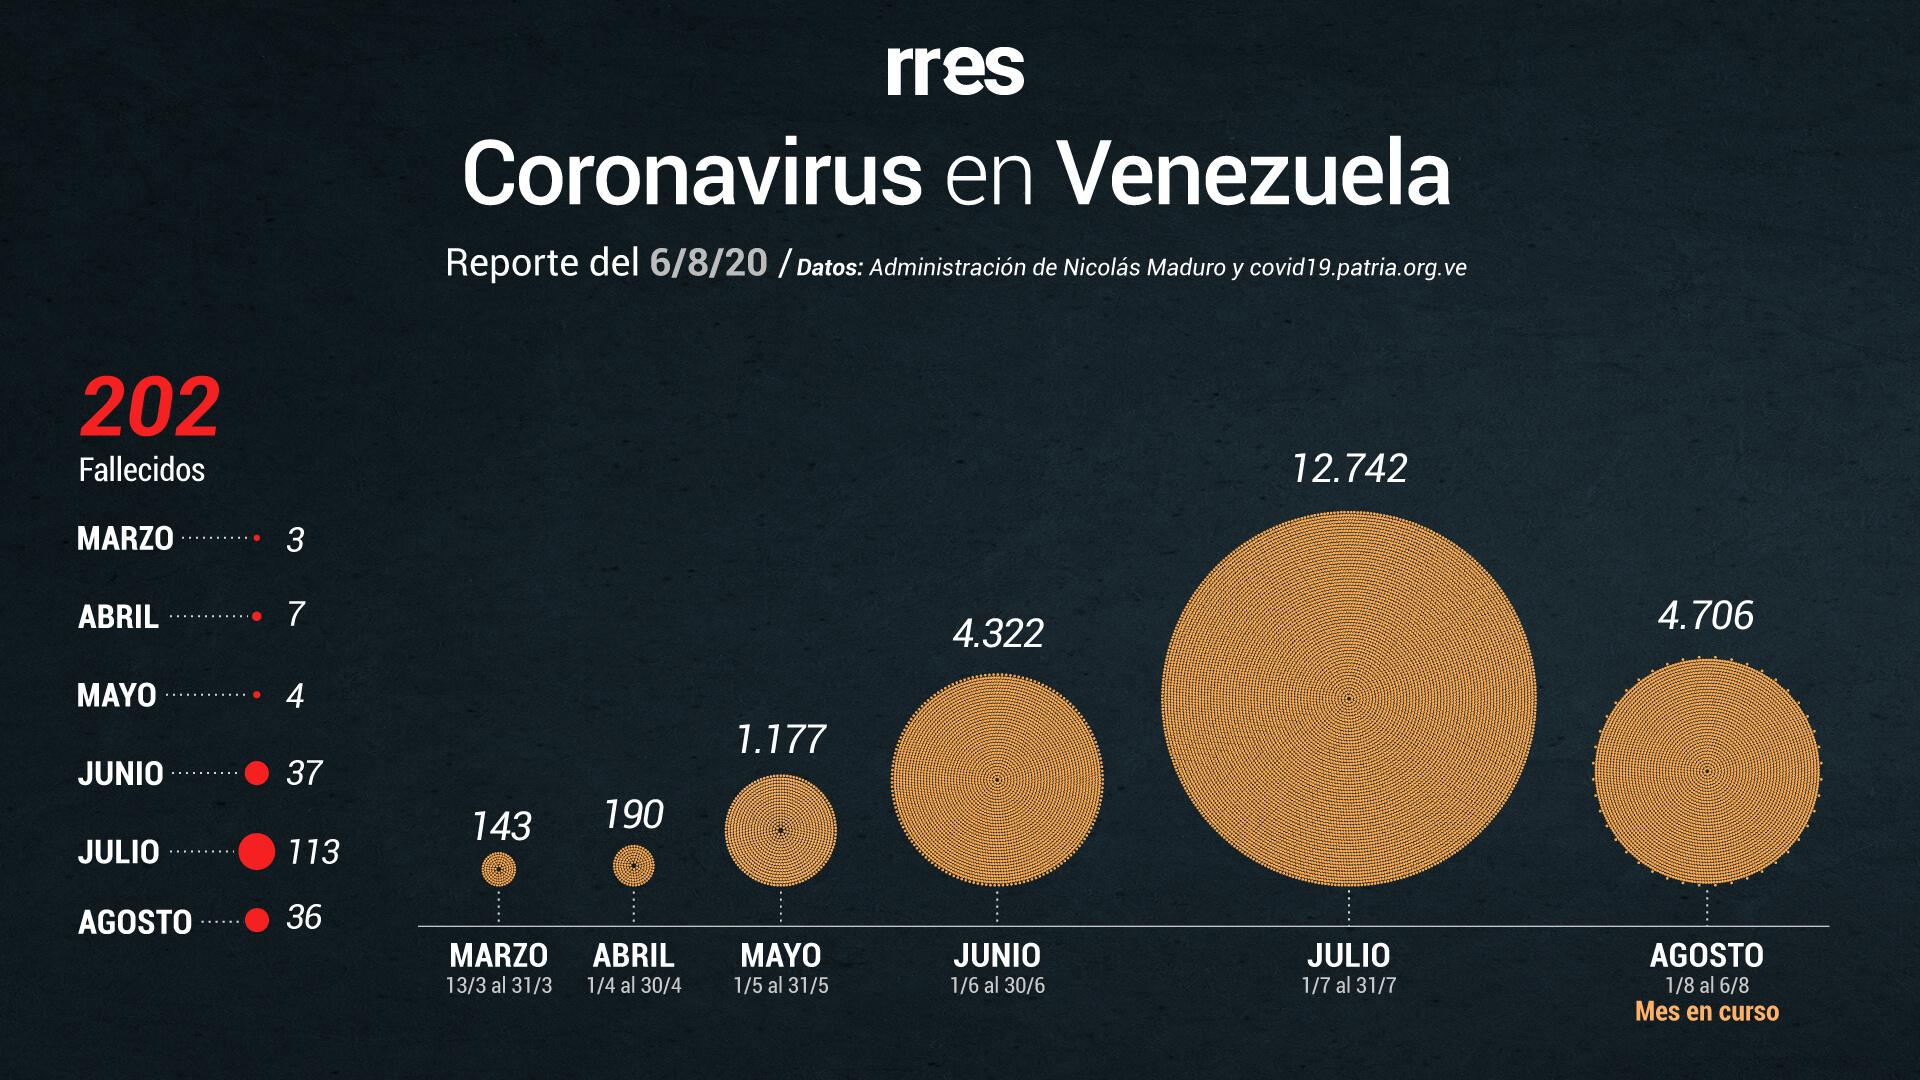 Venezuela bate récord diario de casos de COVID-19 y supera los 200 muertos #6Ago